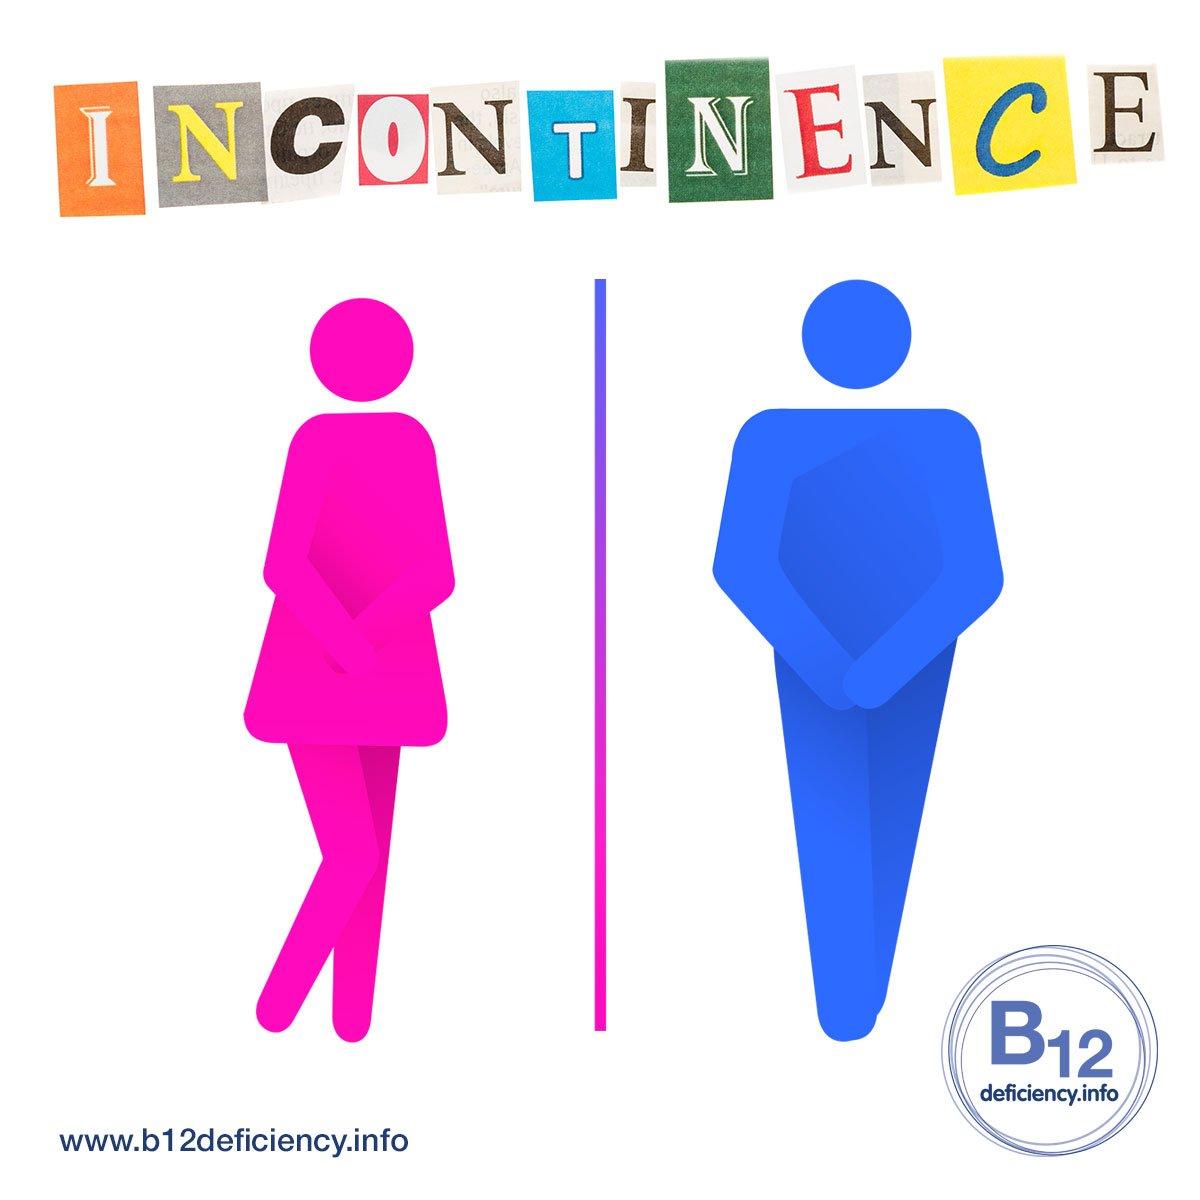 Incontinence in women, men & children